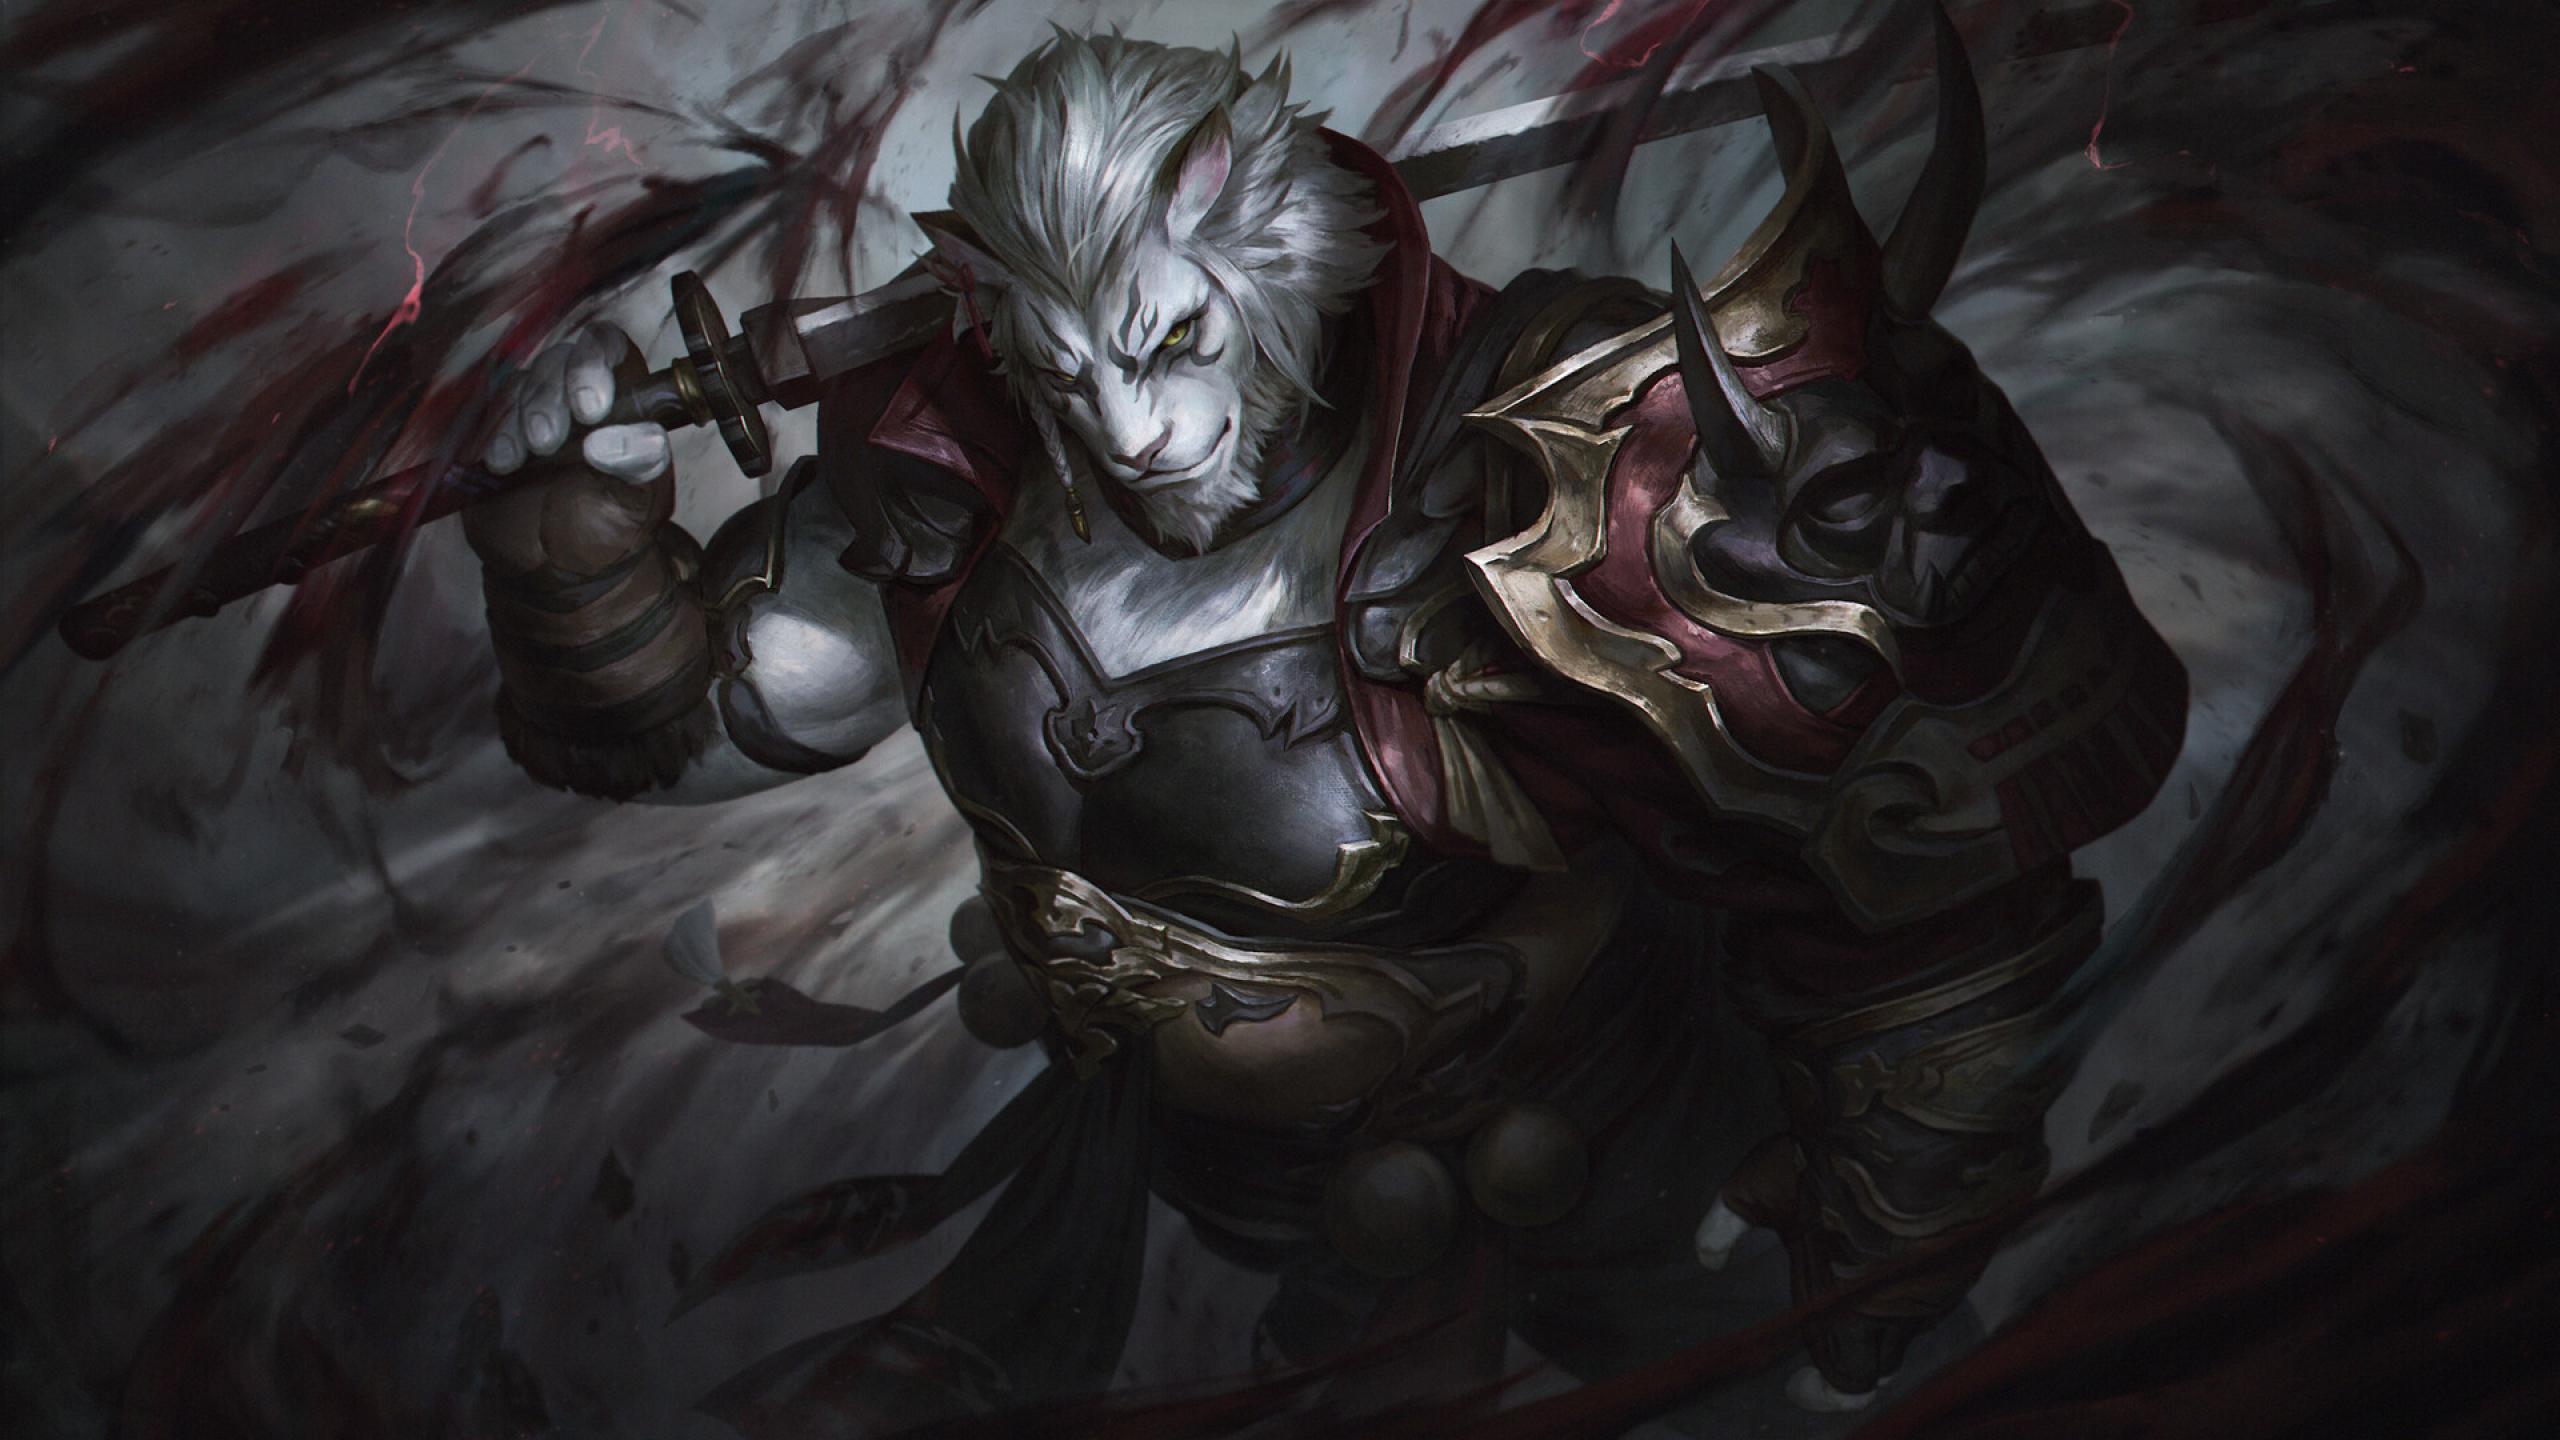 dark knight final fantasy